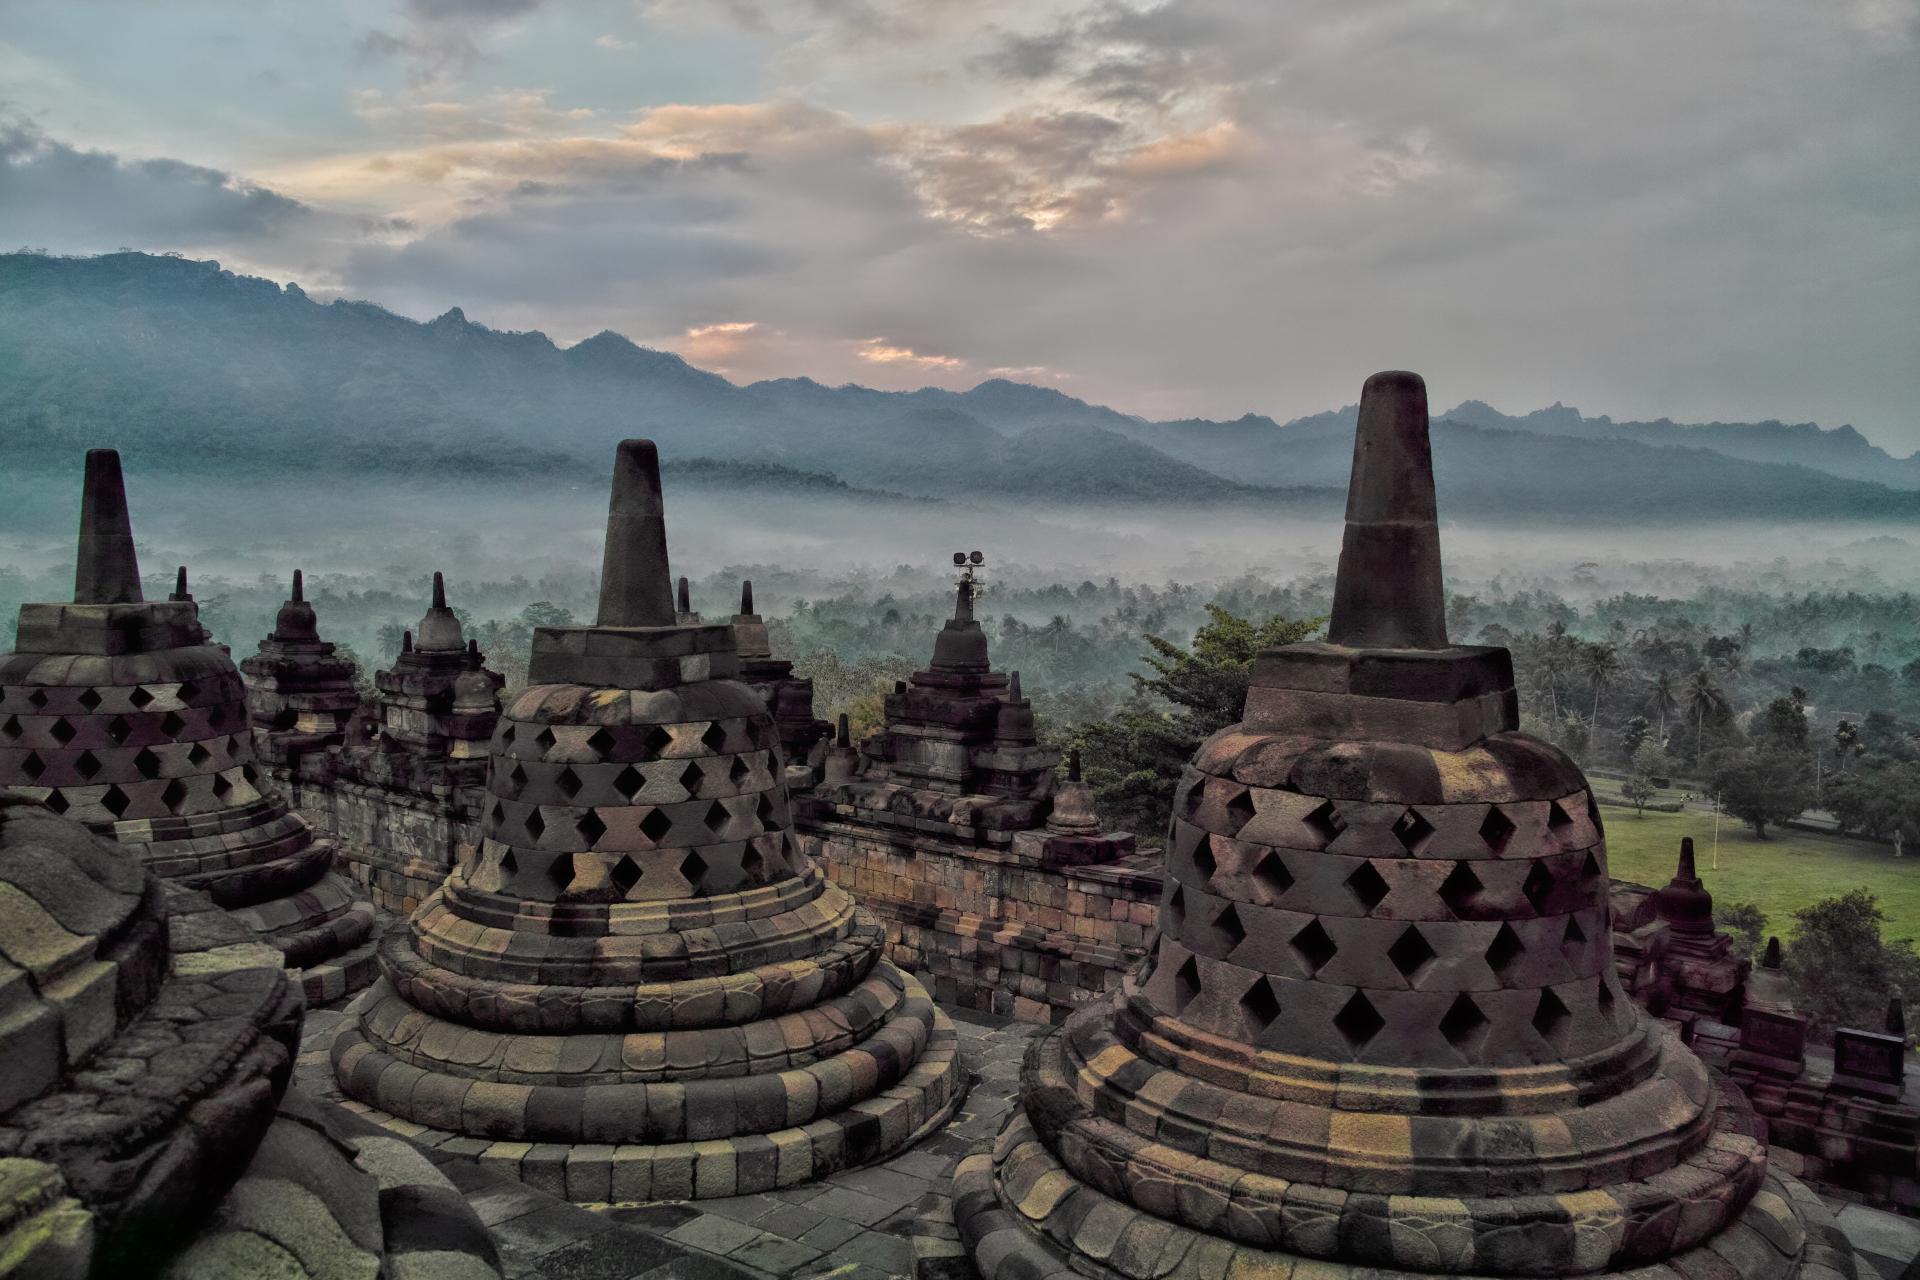 インドネシア・ジョグジャカルタの風景